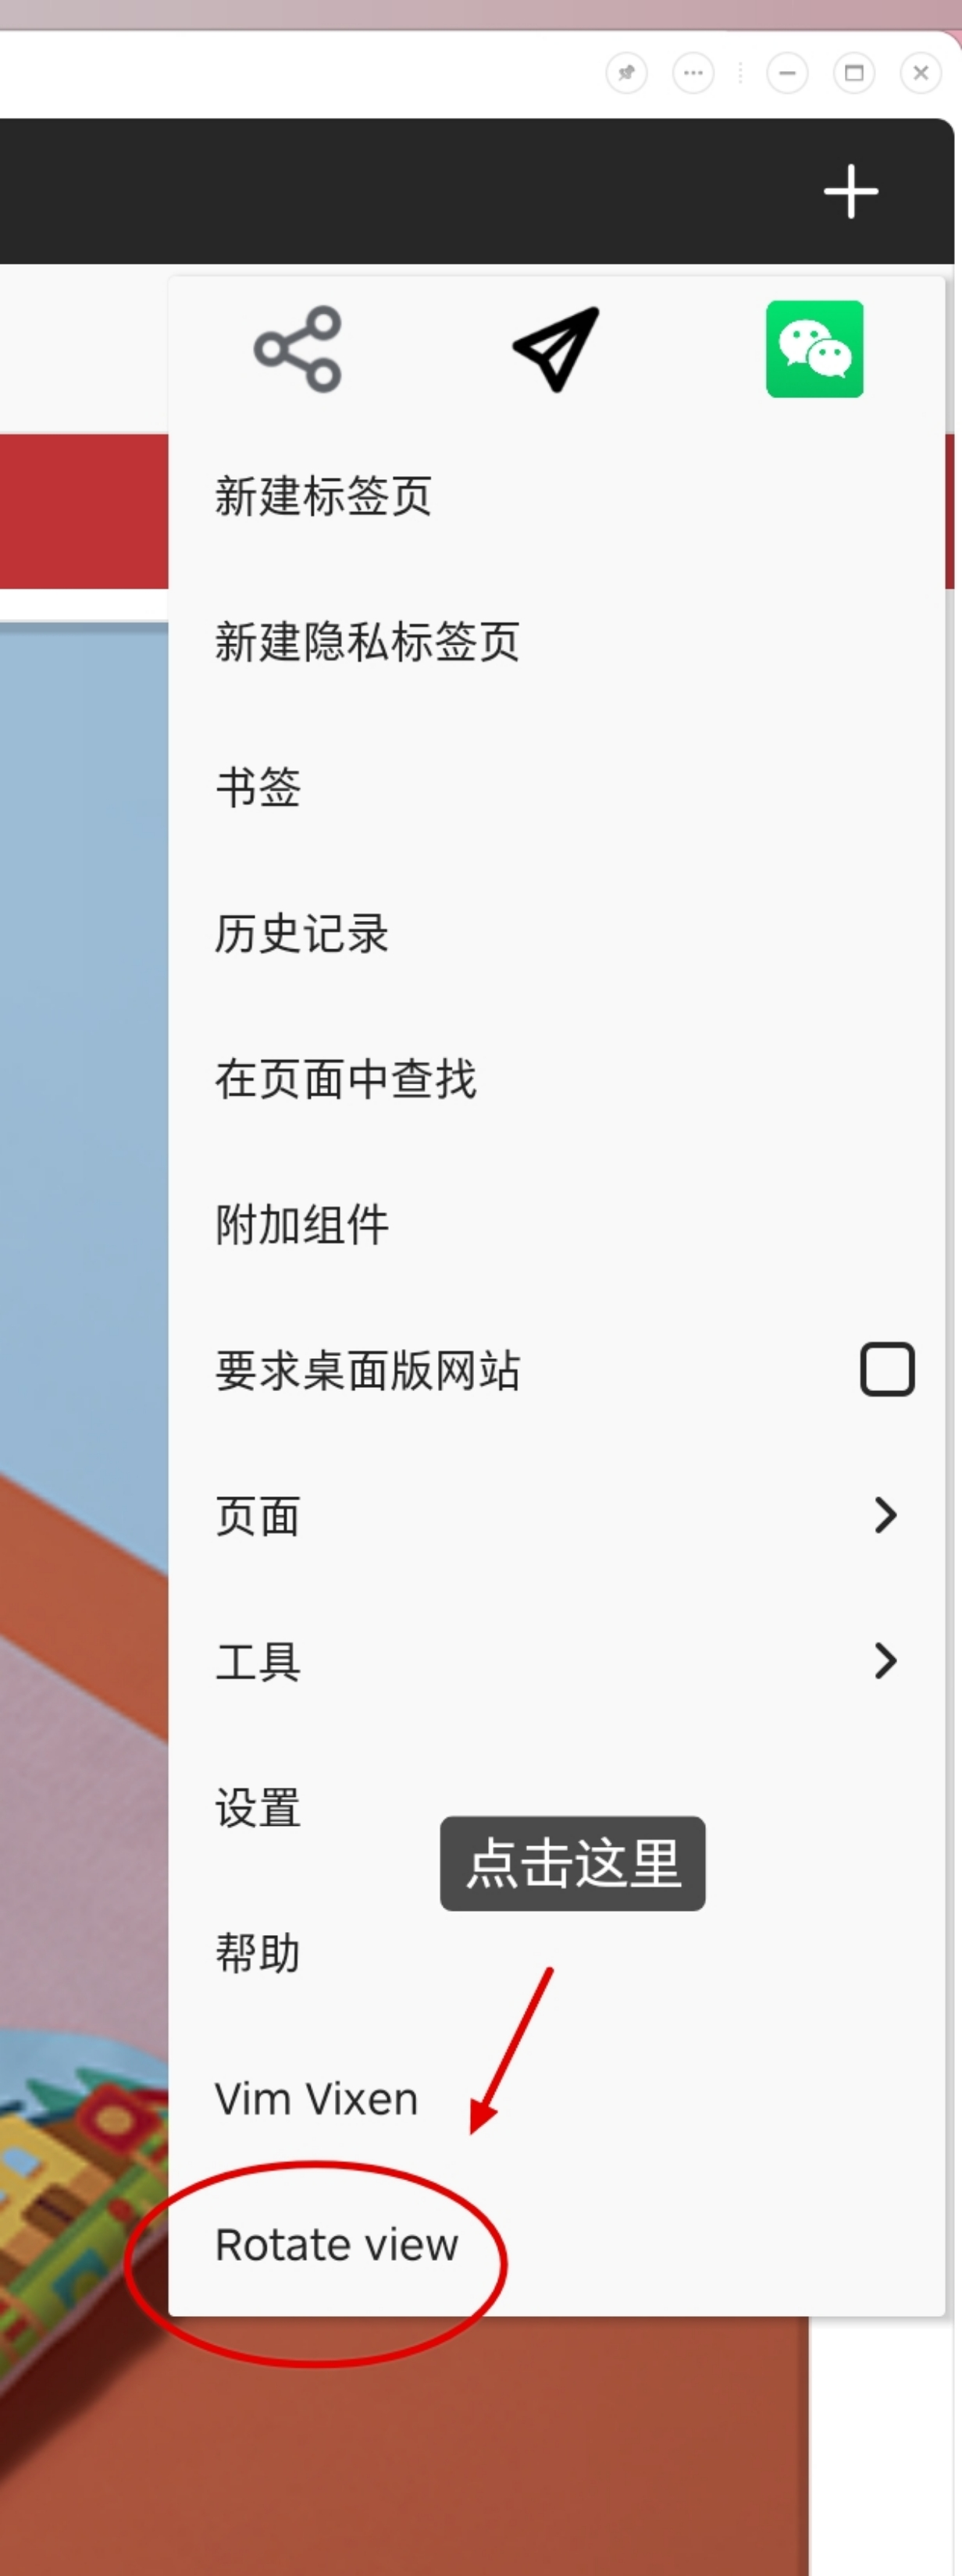 ??_Screenshot_2020-05-28-21-46-36-119_crop.jpg